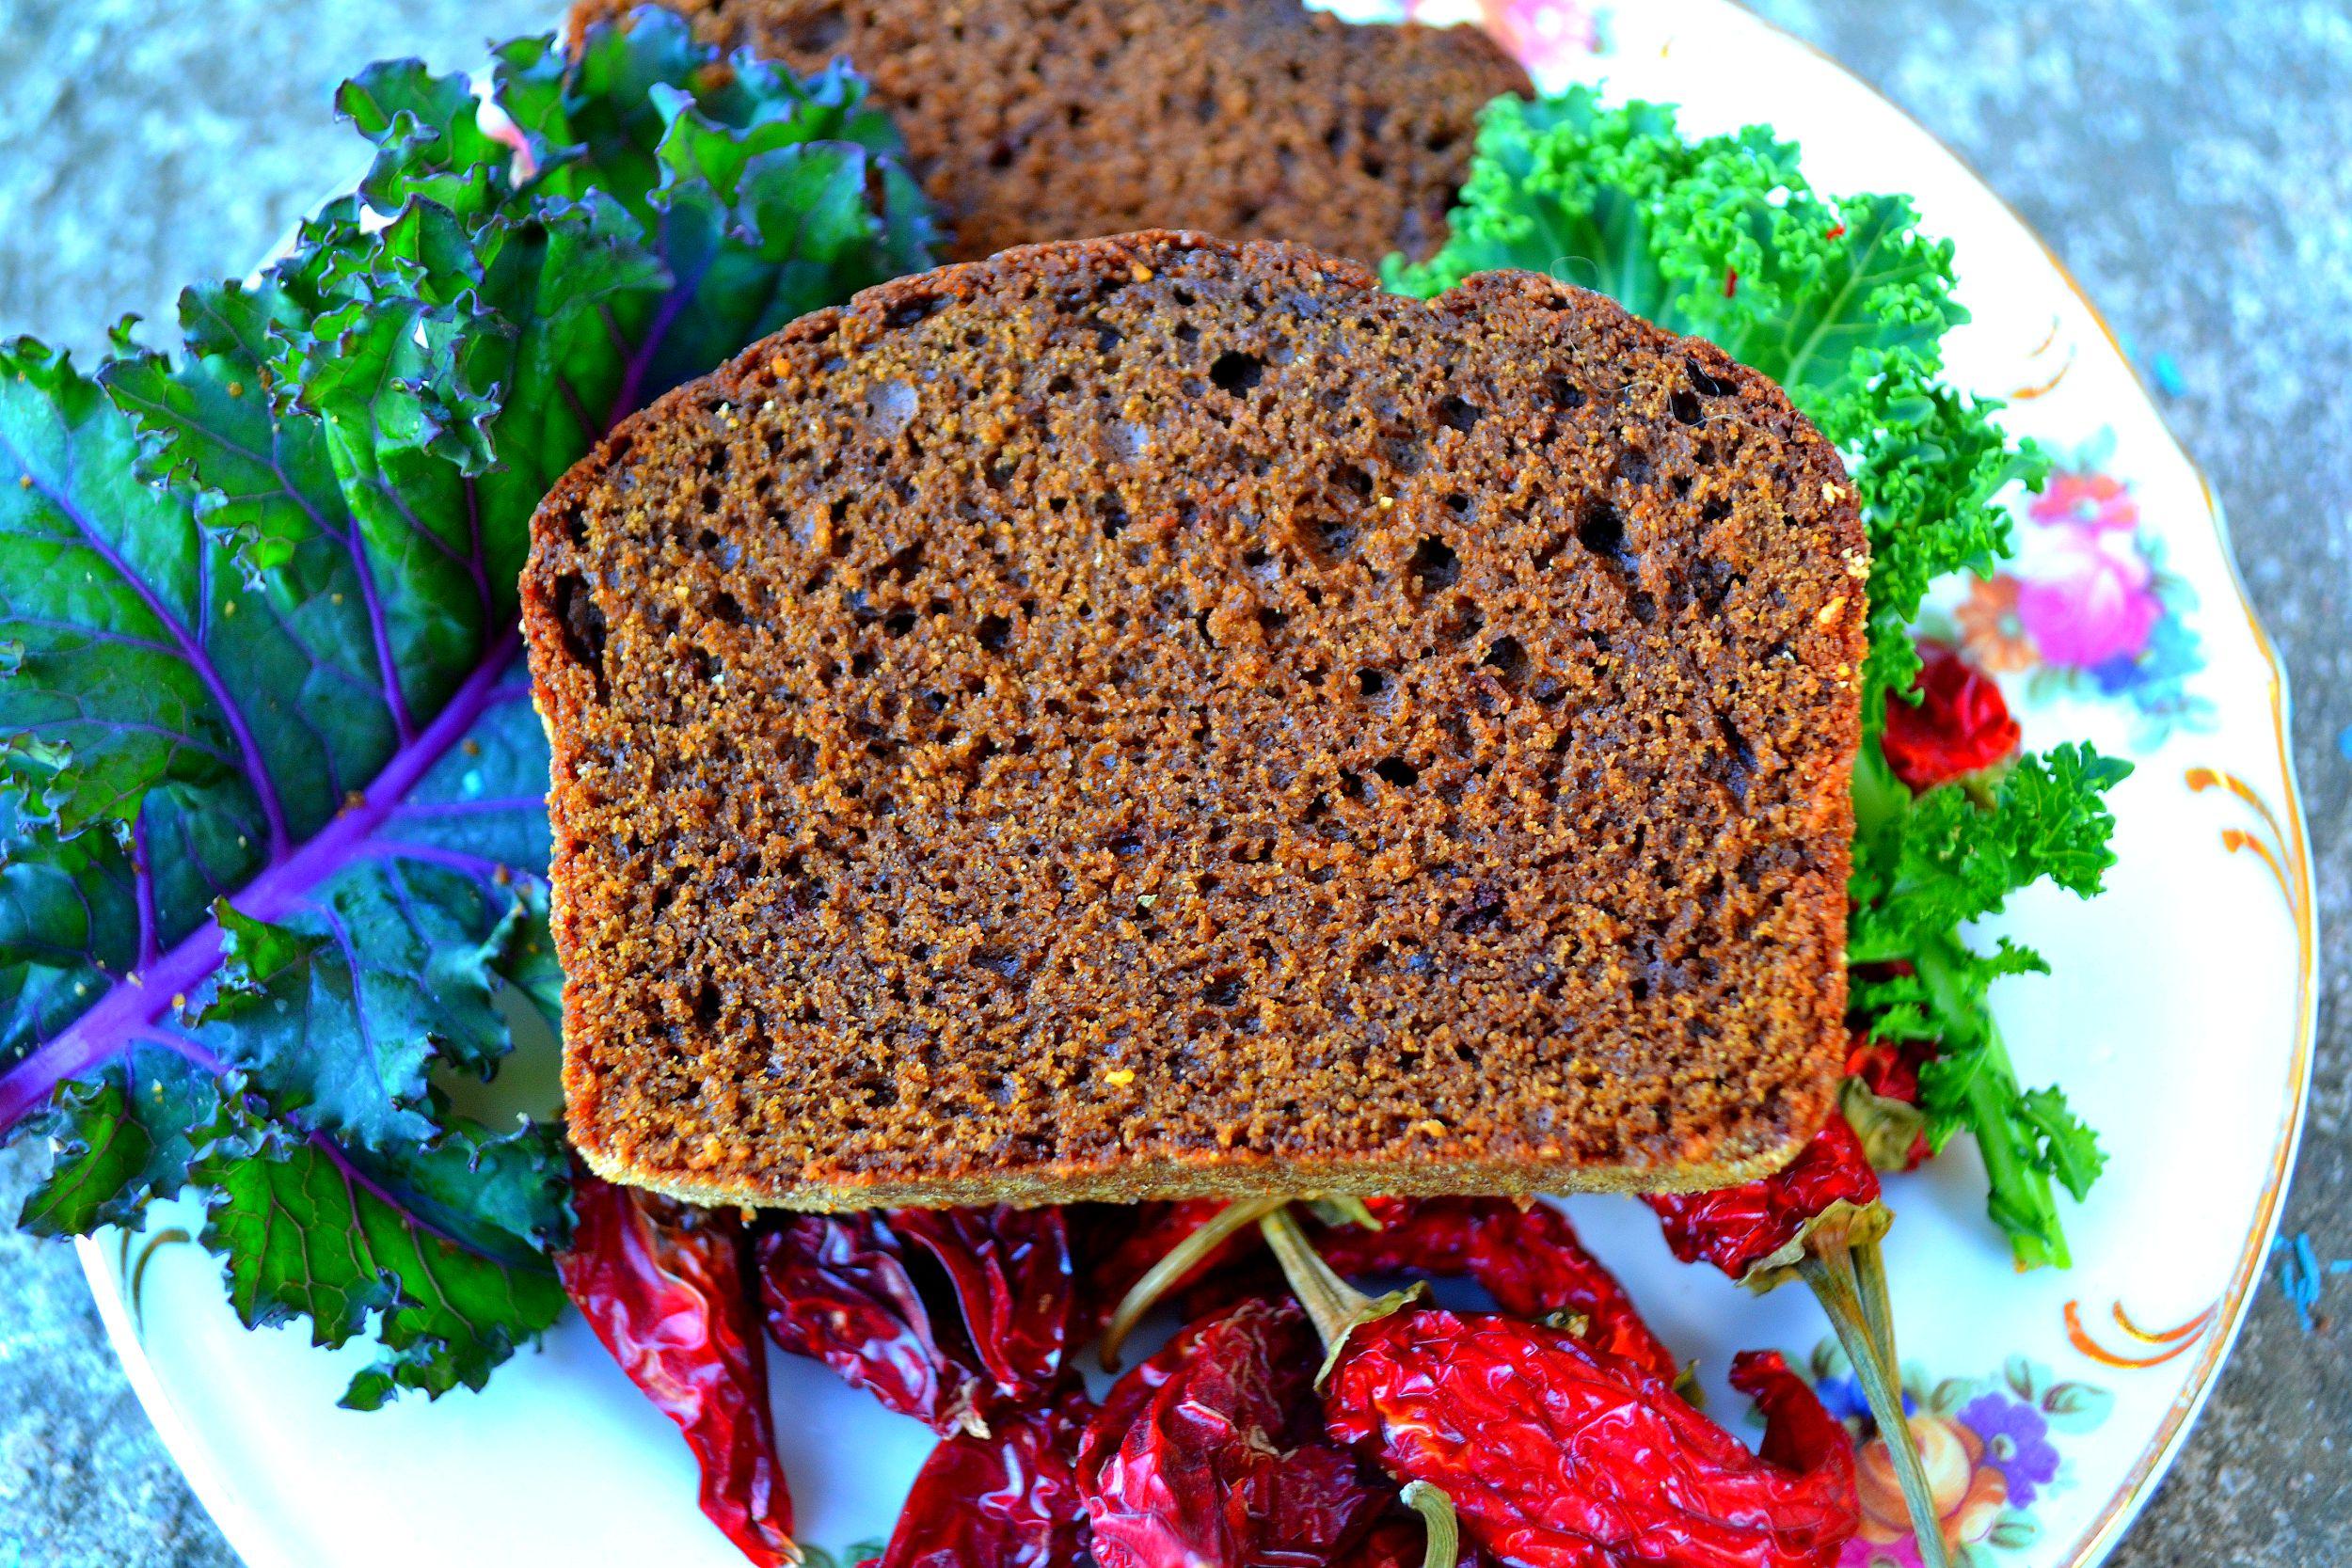 Mörk chokladkaka på ett fat tillsammans med grönkål och chilifrukter.